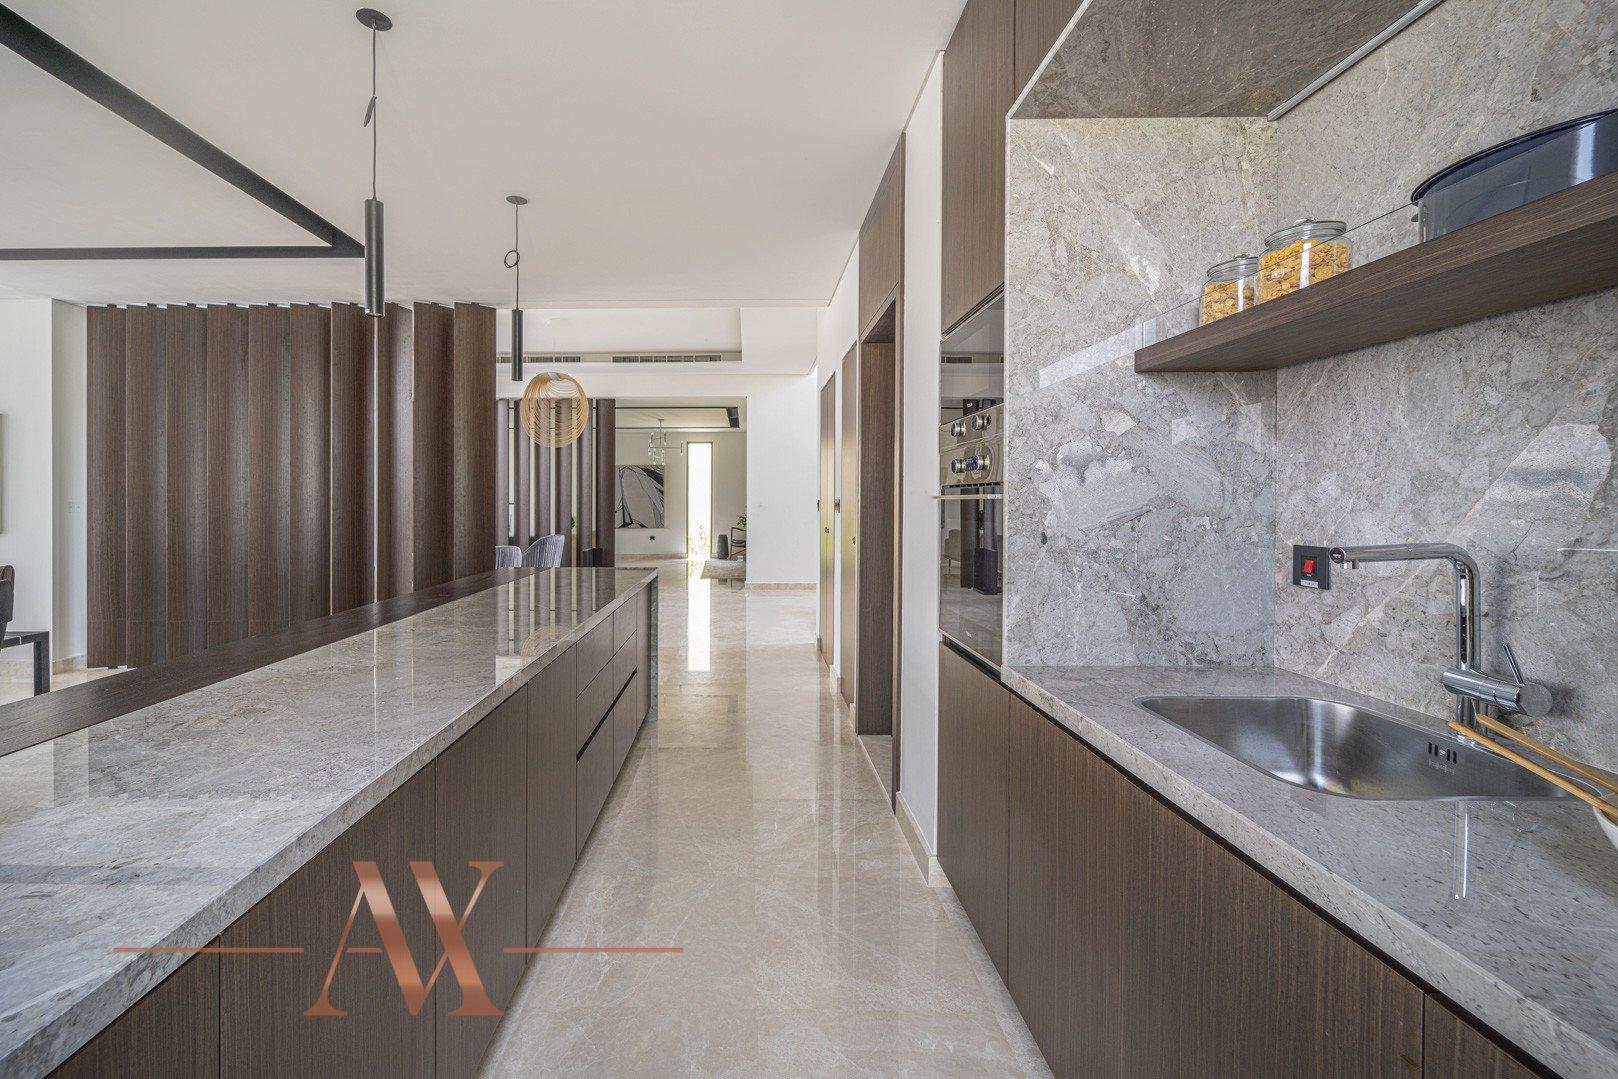 Villa en venta en Dubai, EAU, 4 dormitorios, 659.6 m2, № 23710 – foto 1